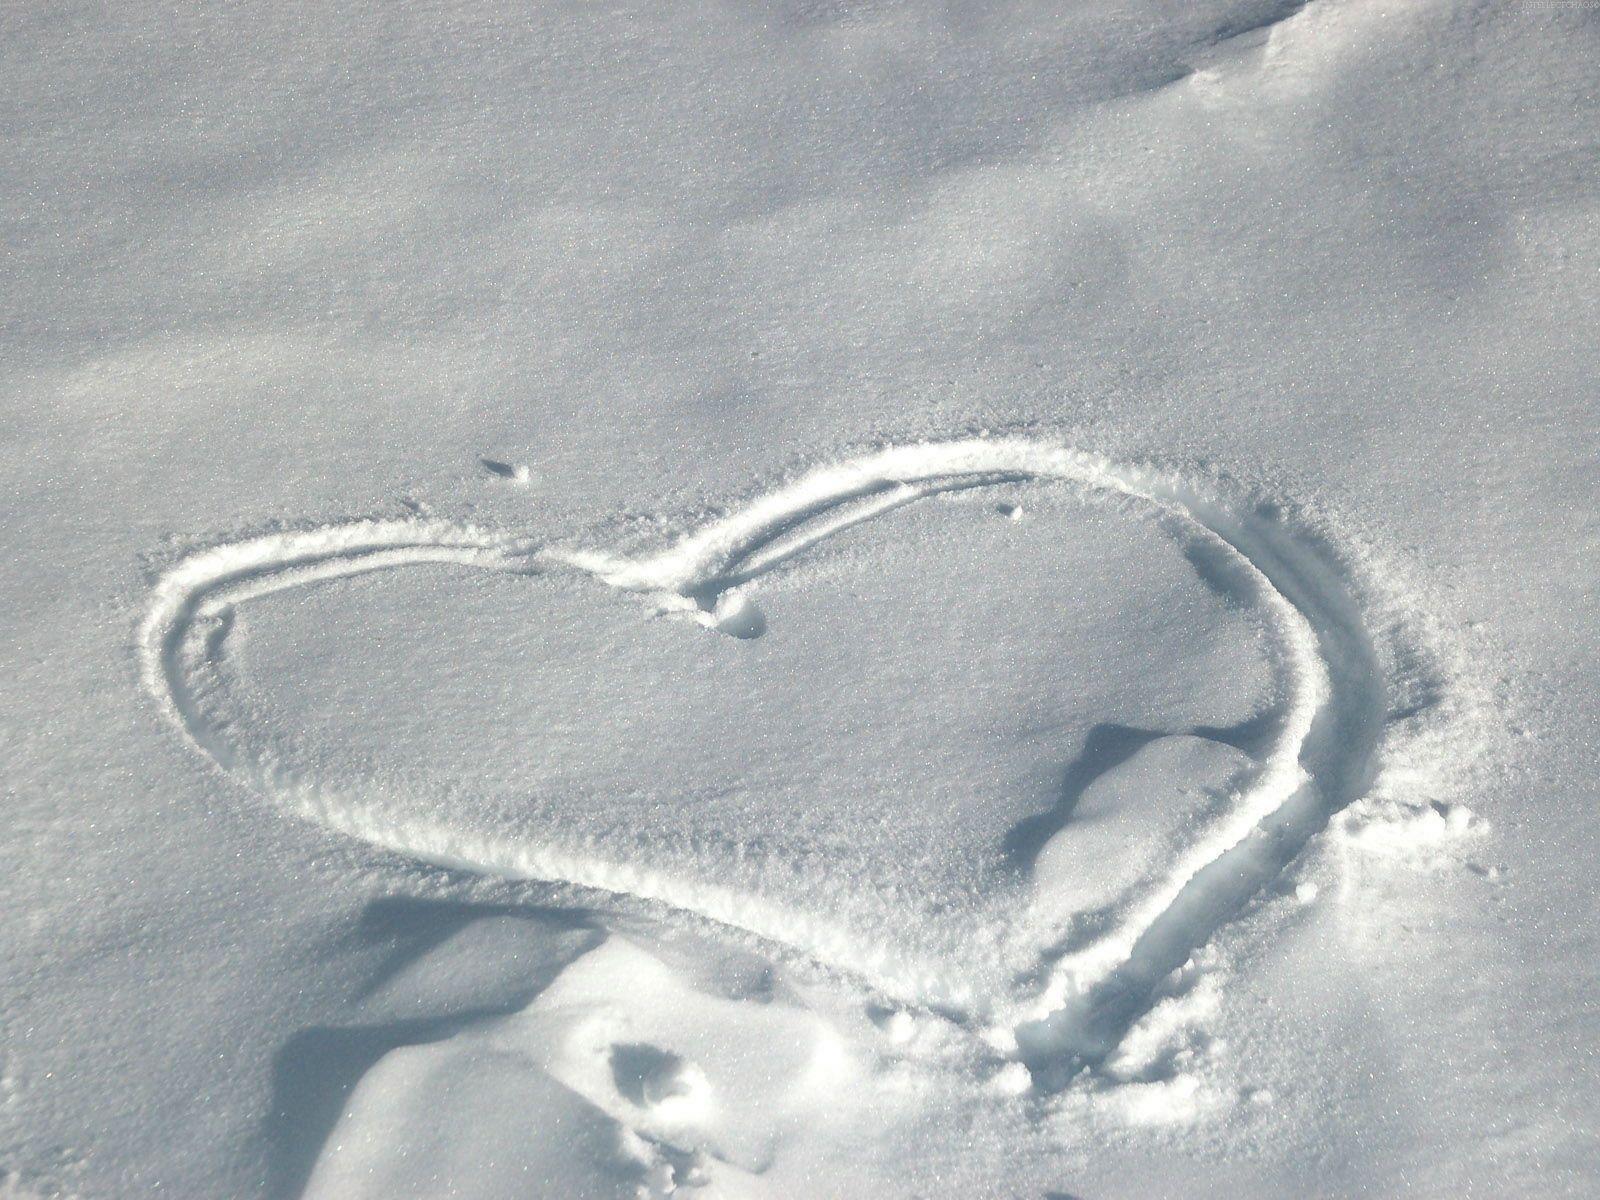 Сек на снегу 3 фотография